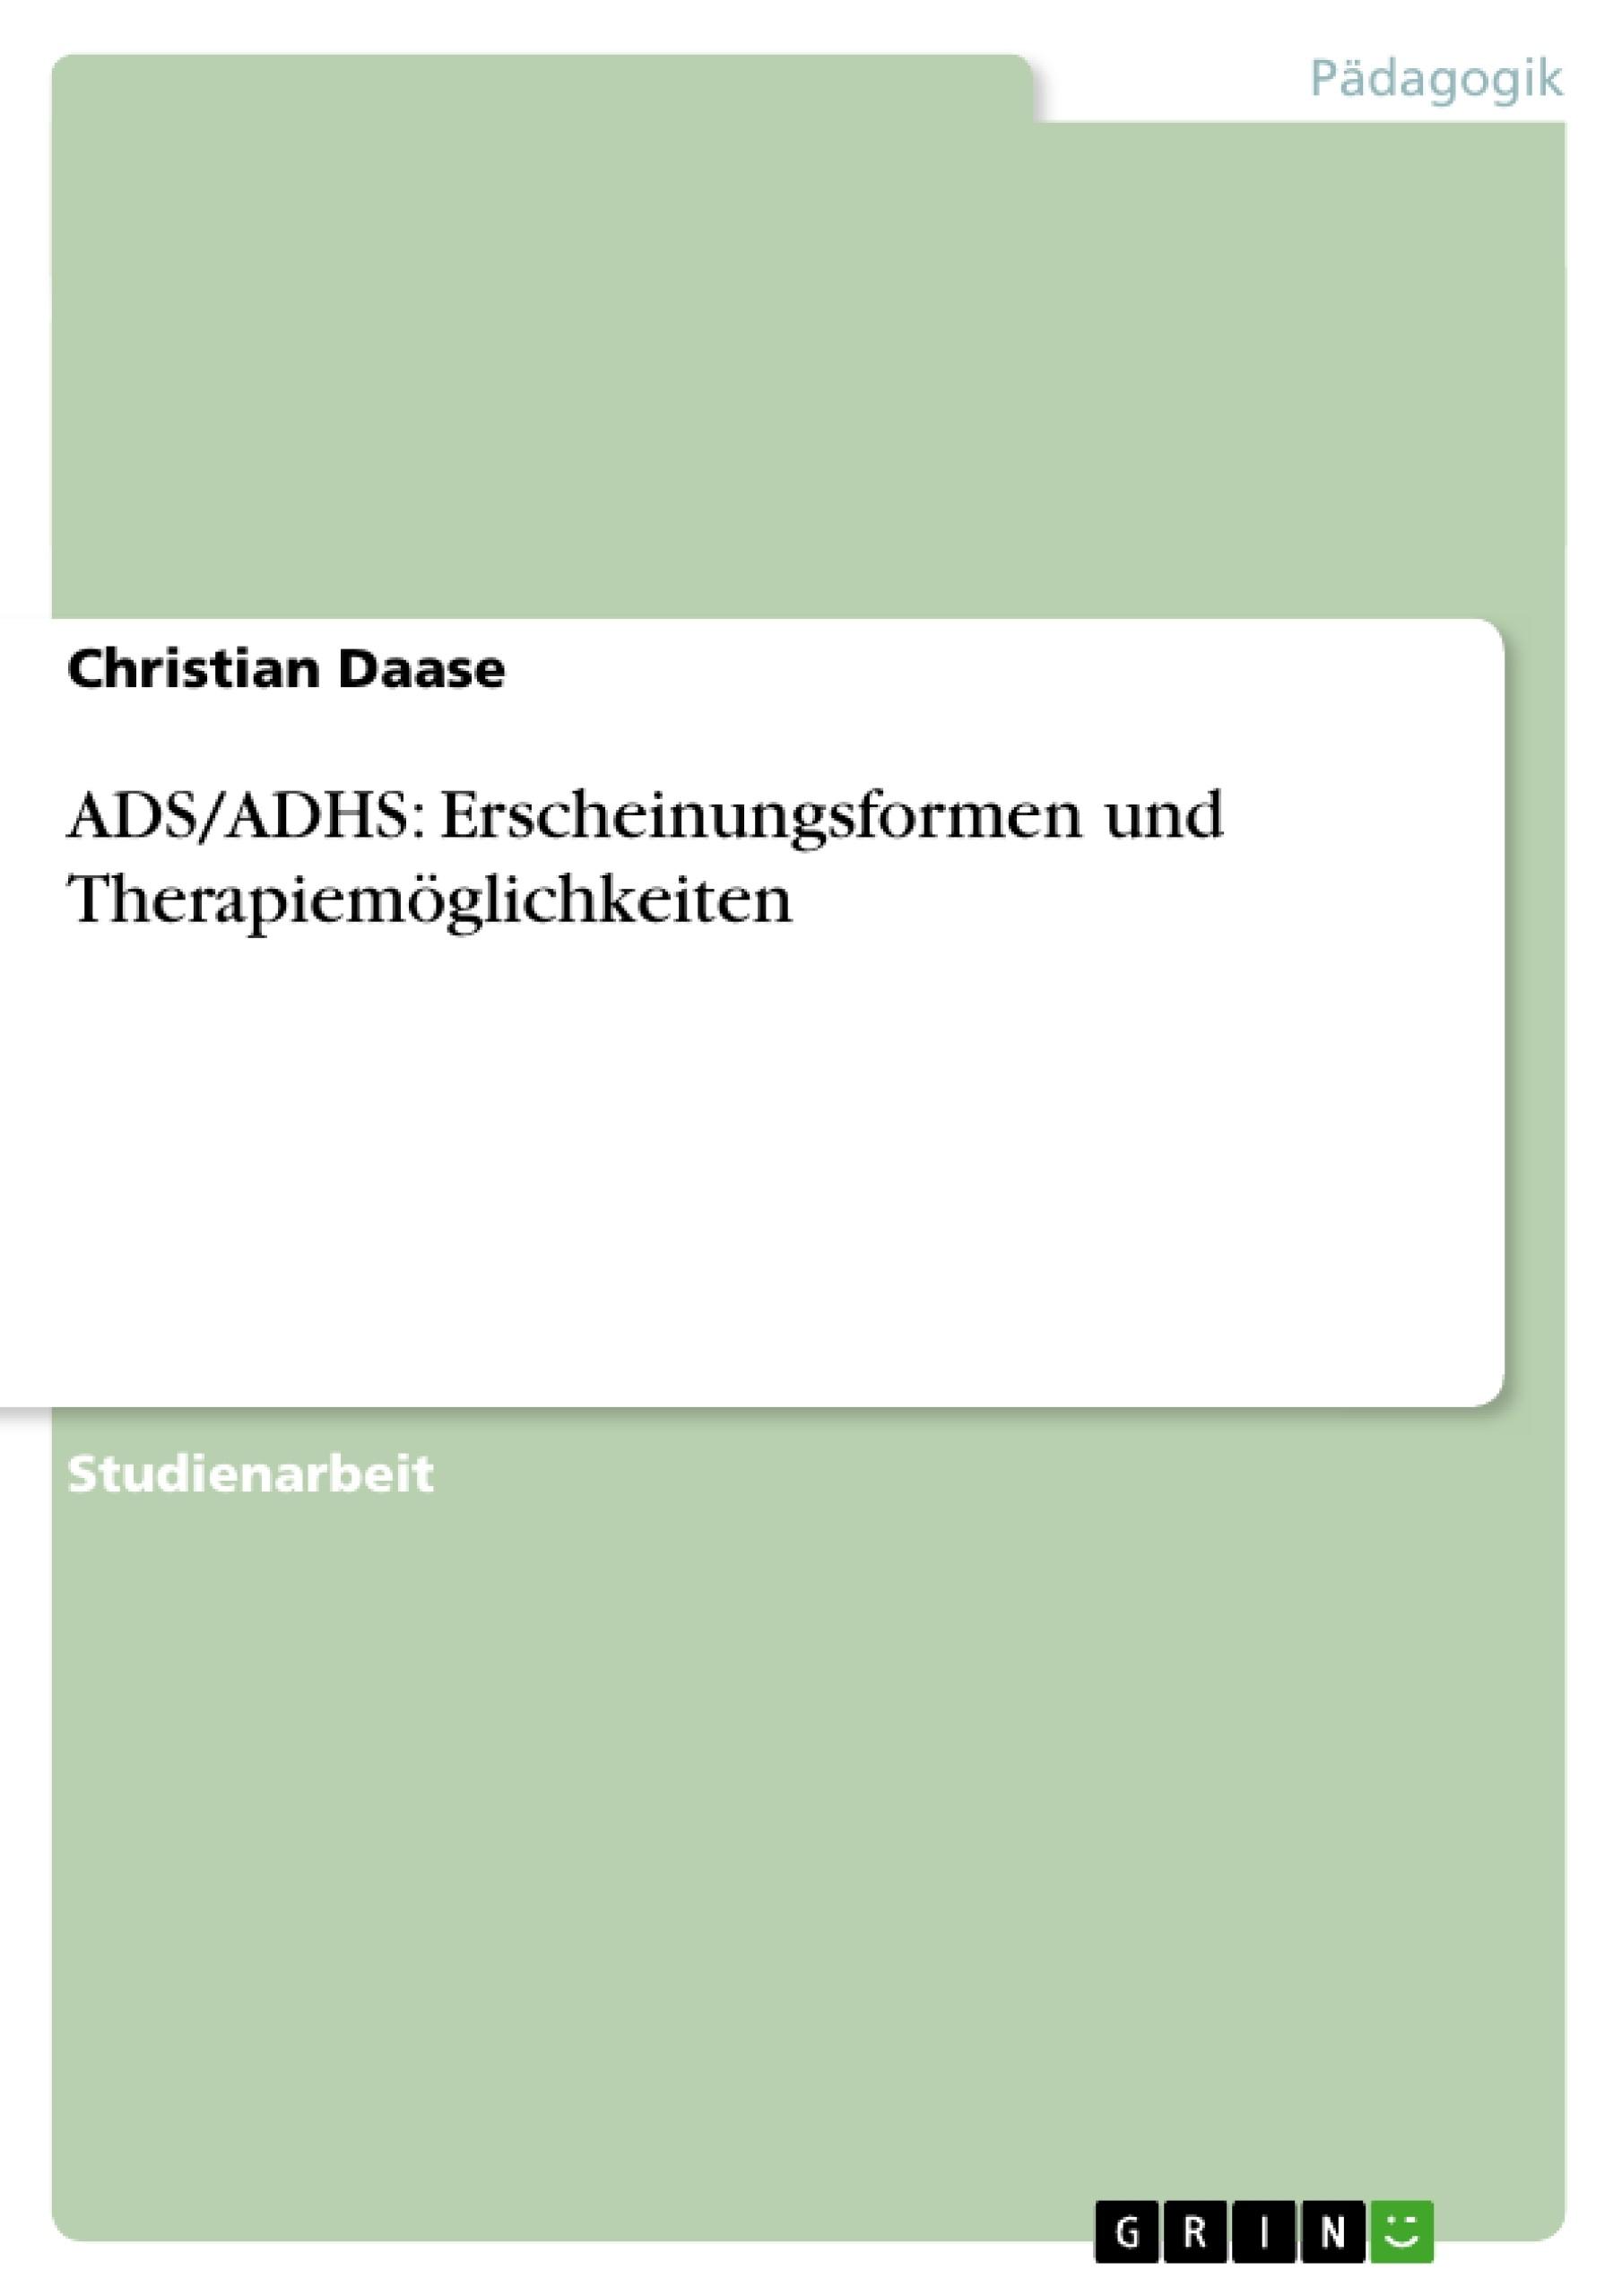 Titel: ADS/ADHS: Erscheinungsformen und Therapiemöglichkeiten